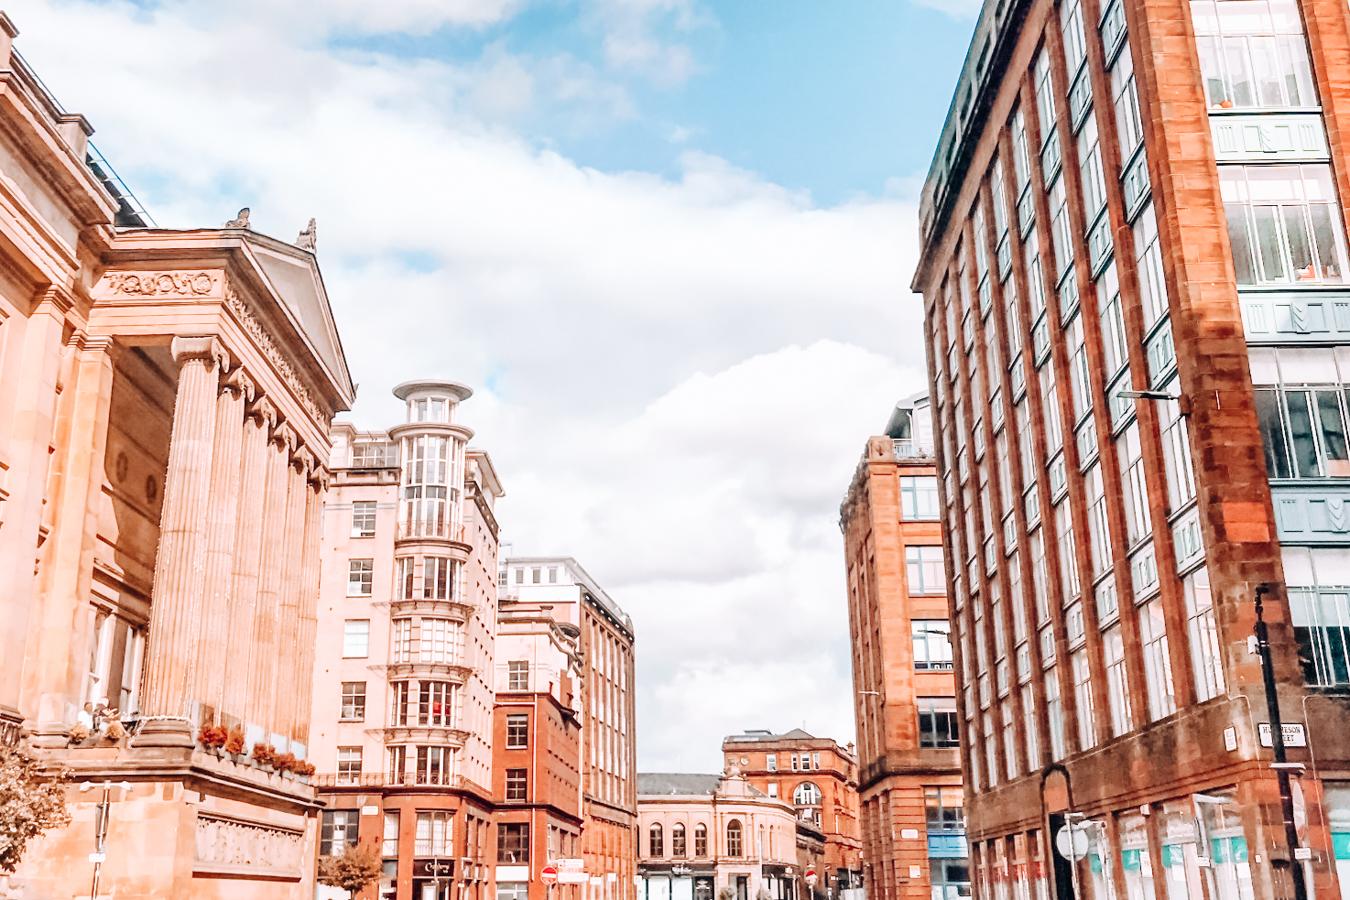 Buildings in a street in Glasgow